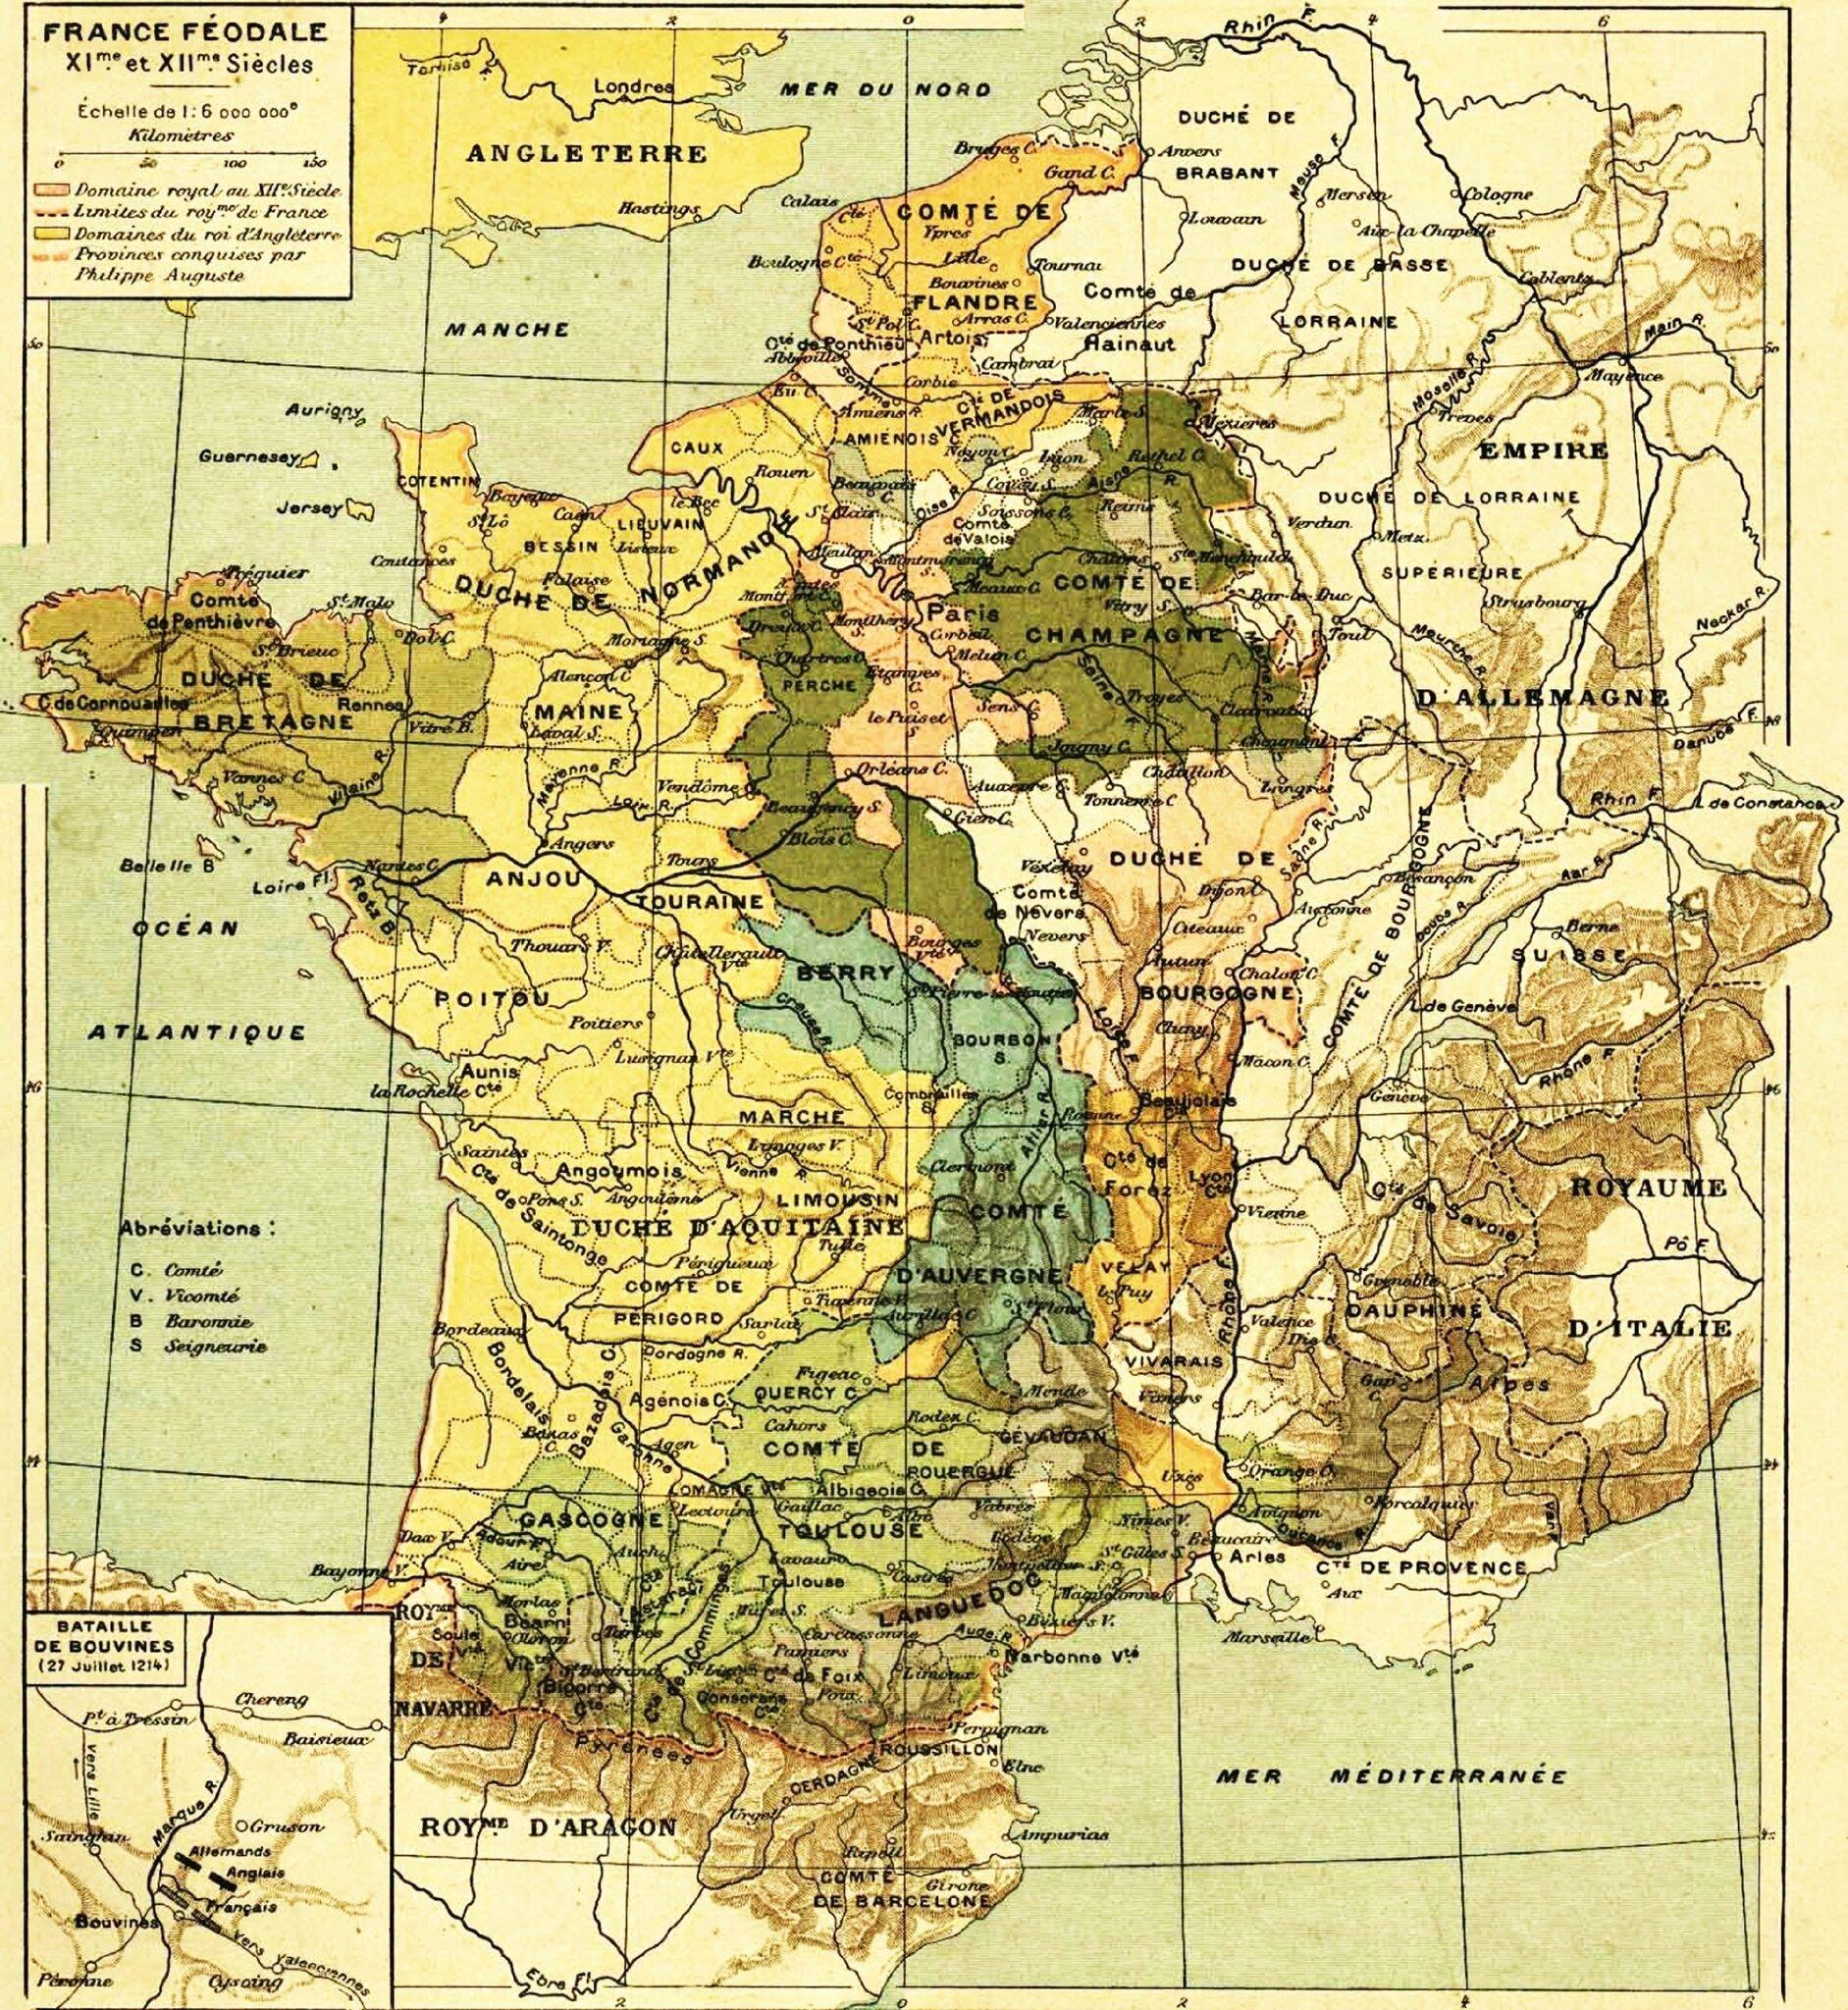 Carte France Féodale - PHystorique- Les Portes du Temps